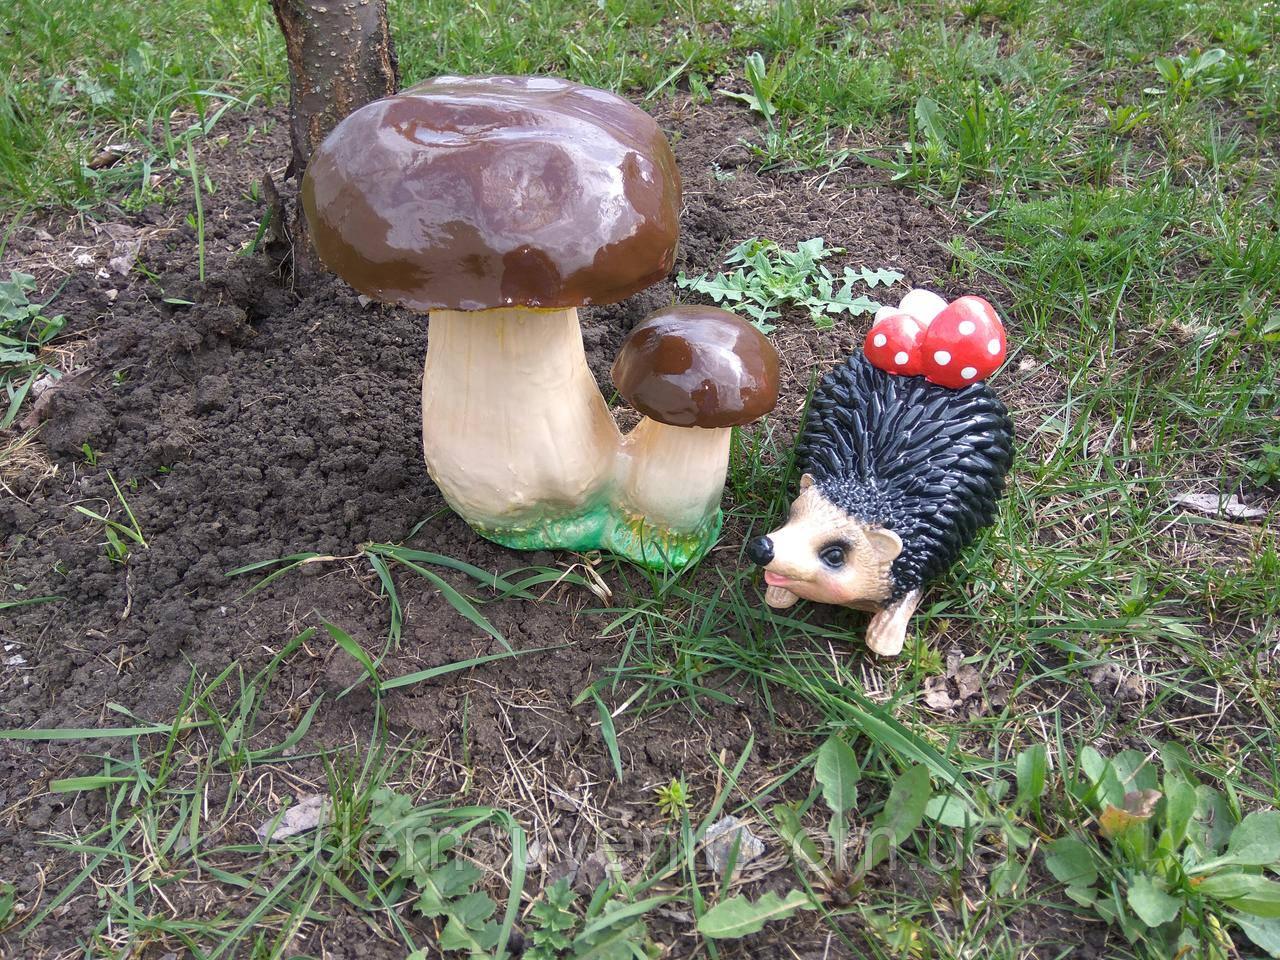 Садовая фигура Грибы и еж с грибами - Производитель садовых фигур Еdем в Харькове